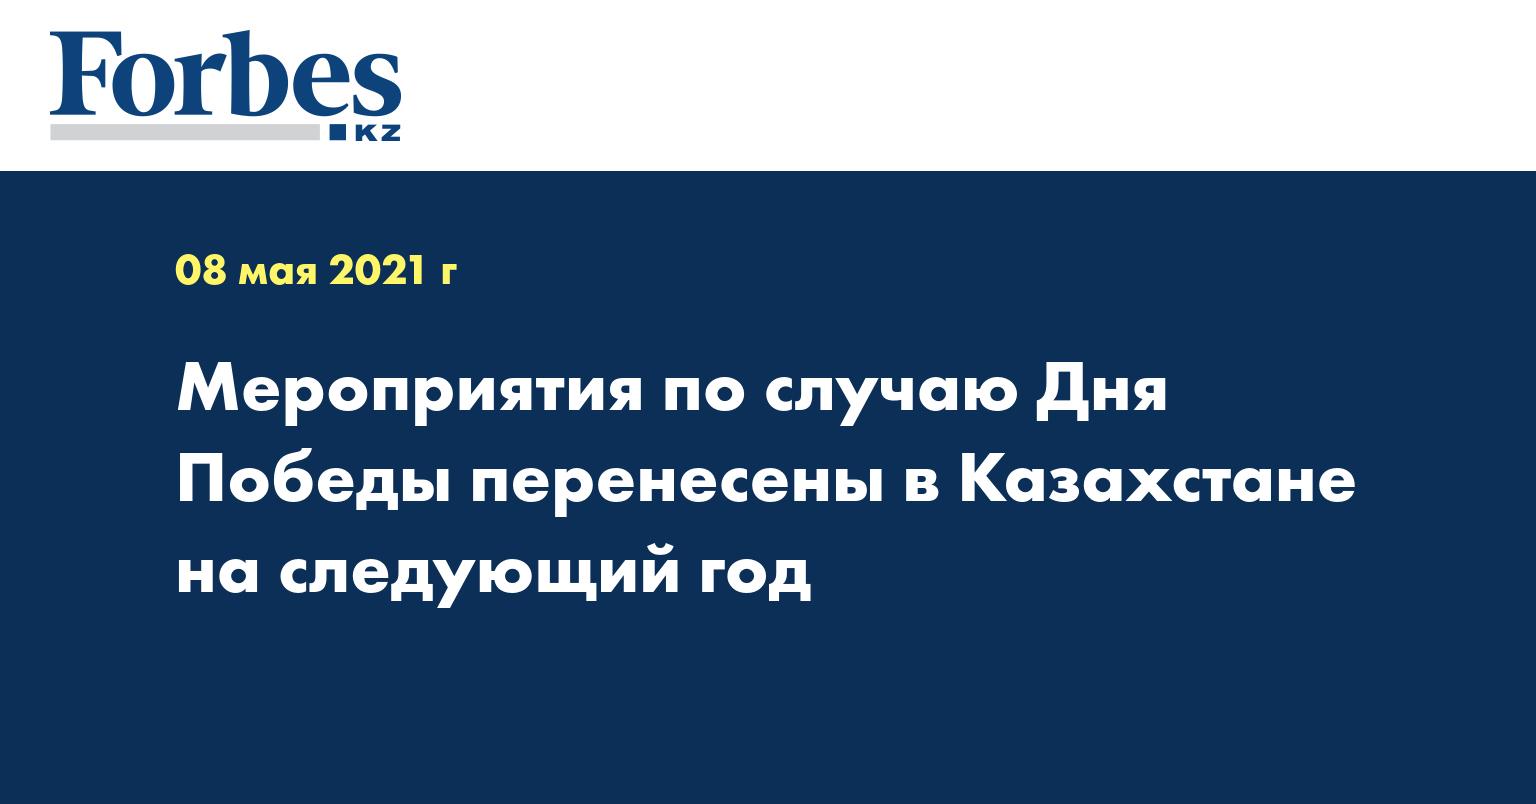 Мероприятия по случаю Дня Победы перенесены в Казахстане на следующий год